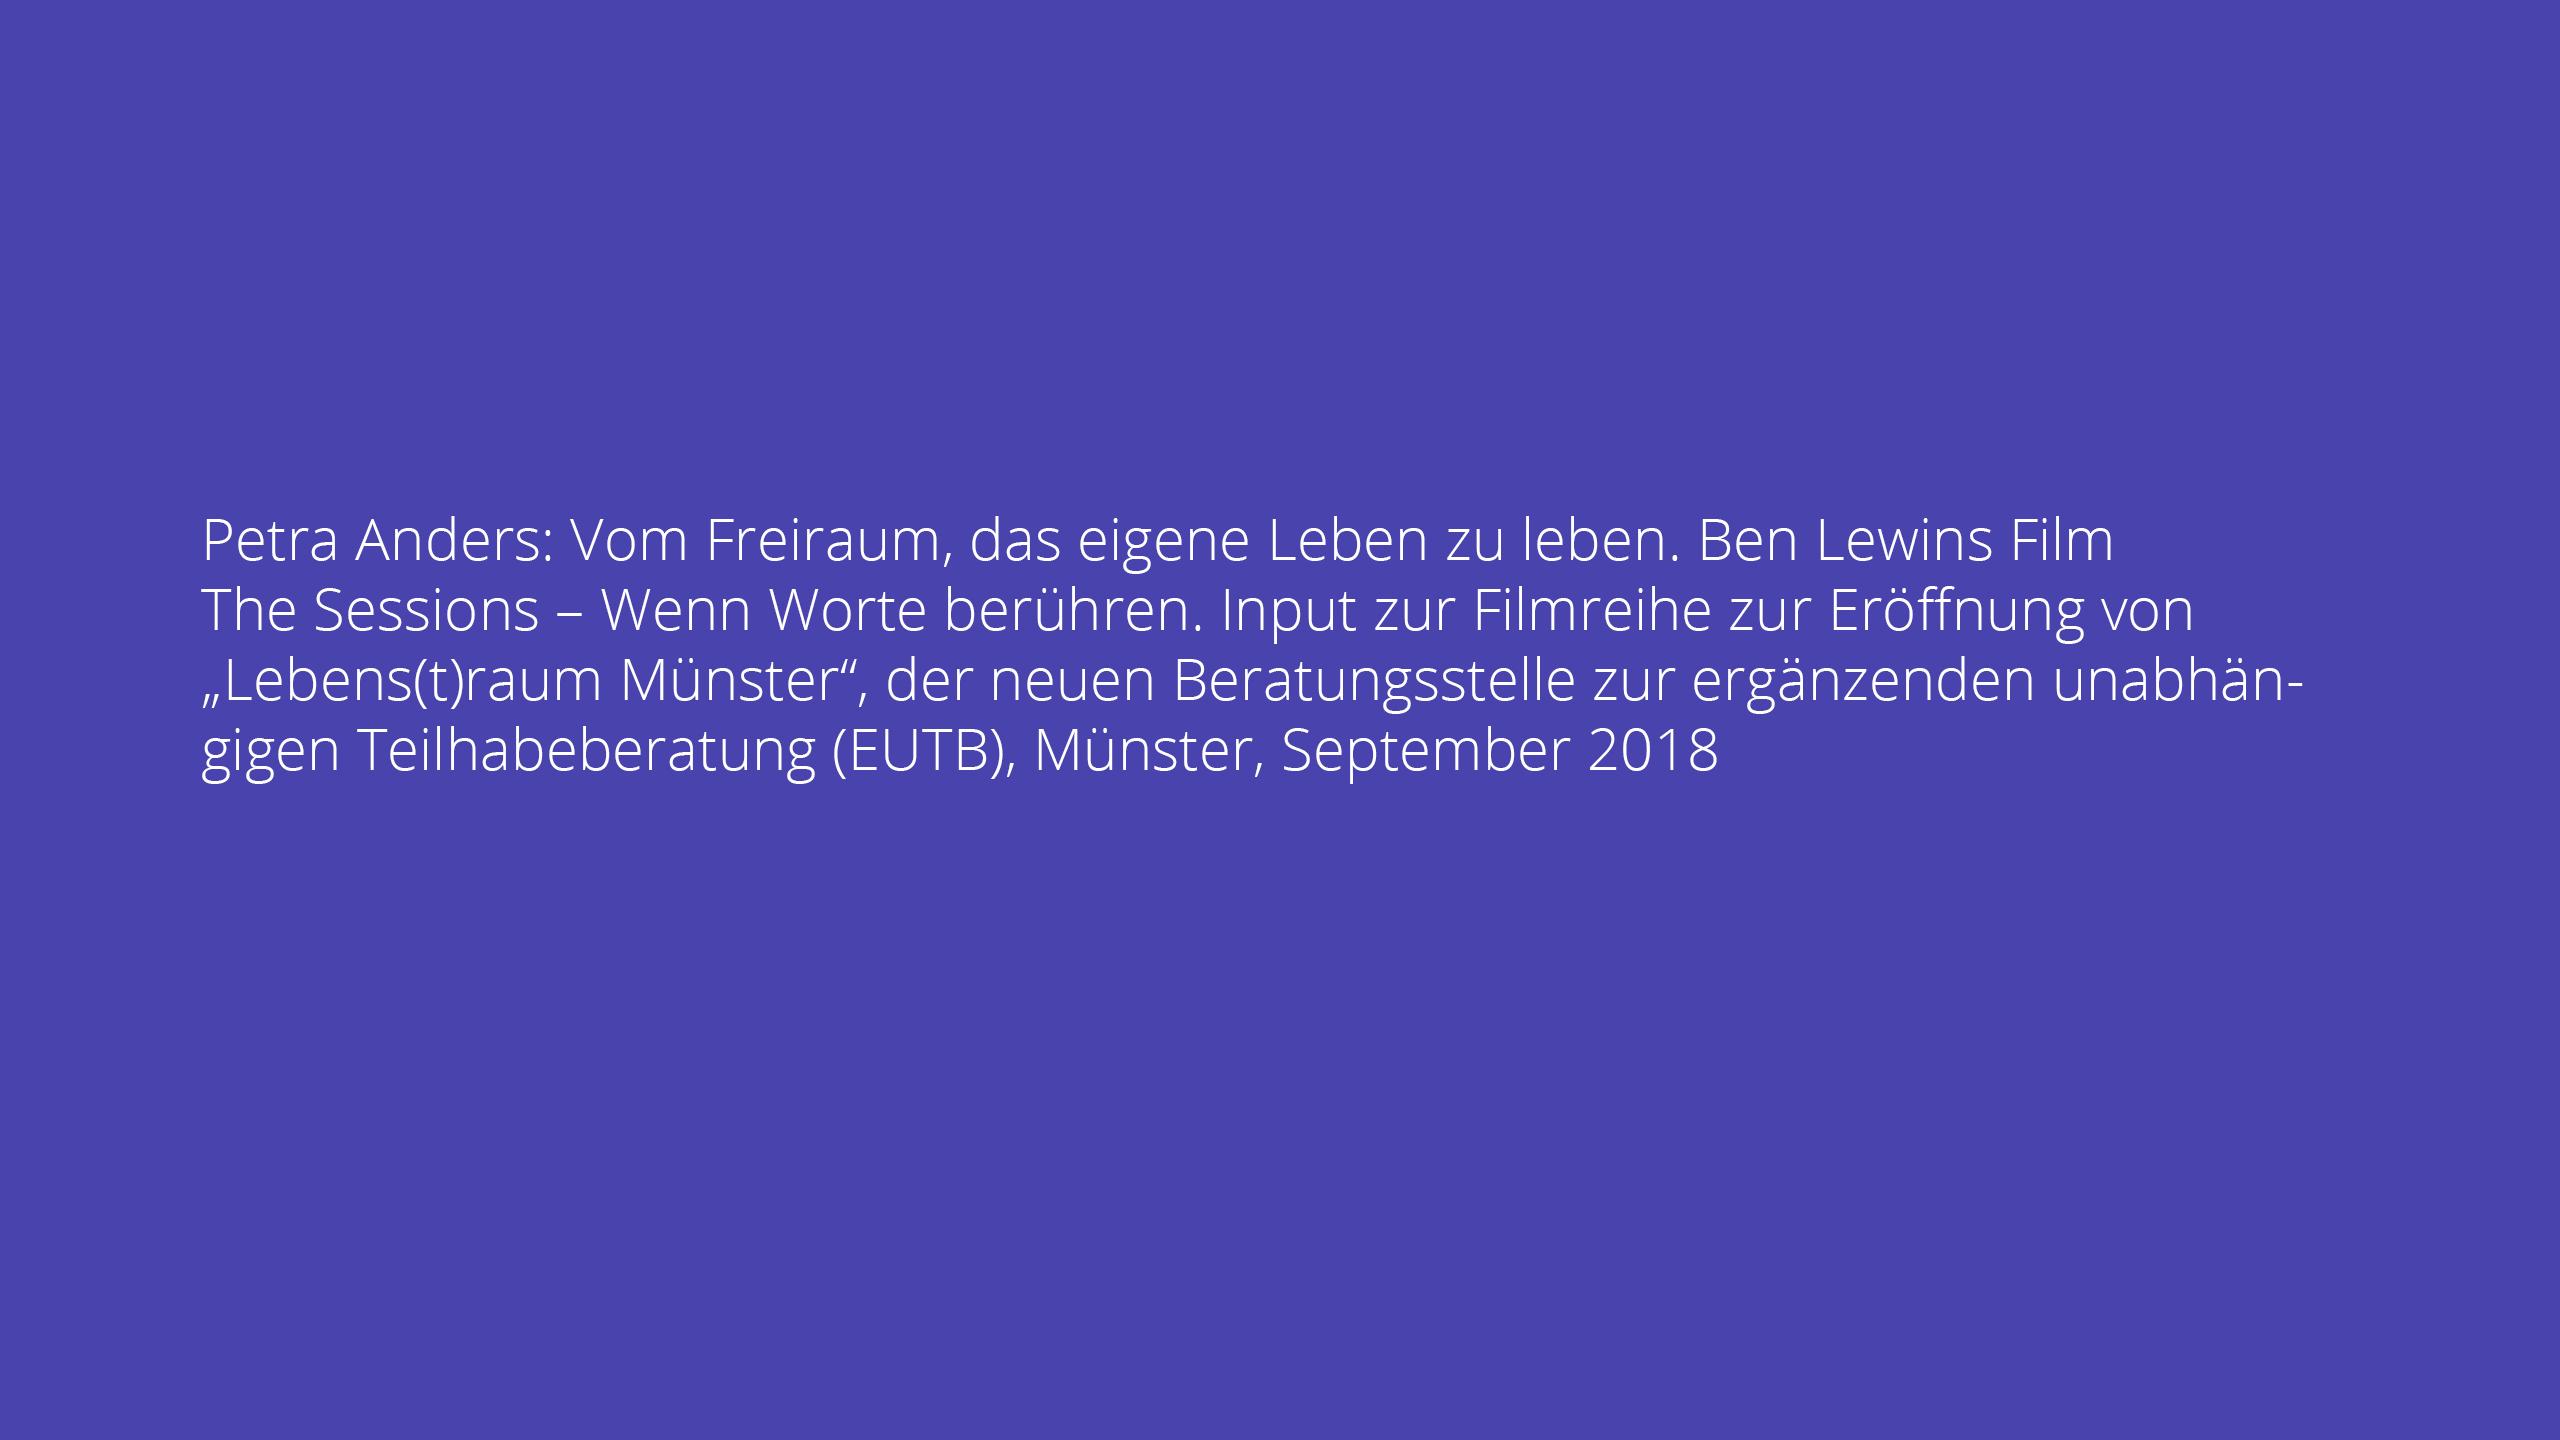 """Petra Anders: Vom Freiraum, das eigene Leben zu leben. Ben Lewins Film The Sessions – Wenn Worte berühren. Input zur Filmreihe zur Eröffnung von """"Lebens(t)raum Münster"""", der neuen Beratungsstelle zur ergänzenden unabhängigen Teilhabeberatung (EUTB), Münster, September 2018"""